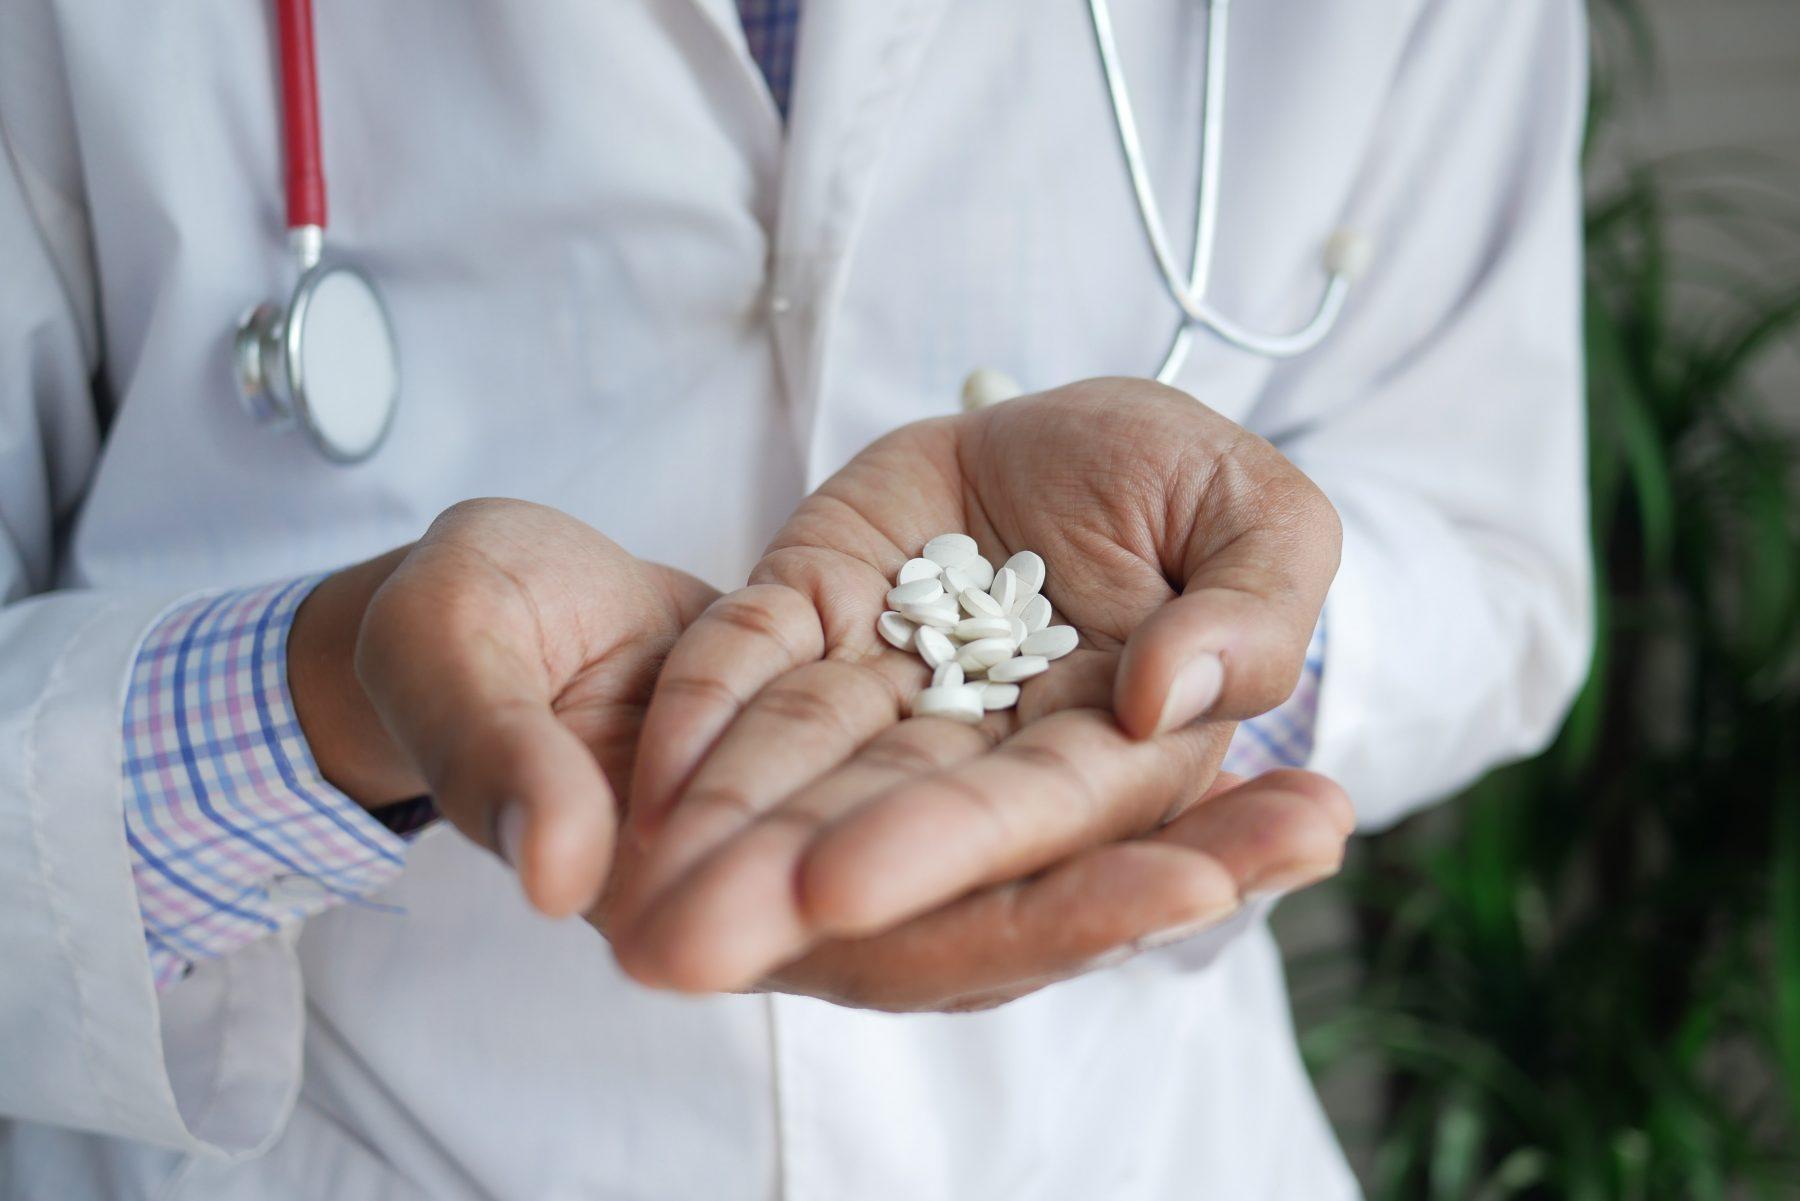 Ein Arzt, der weiße Pillen hält.